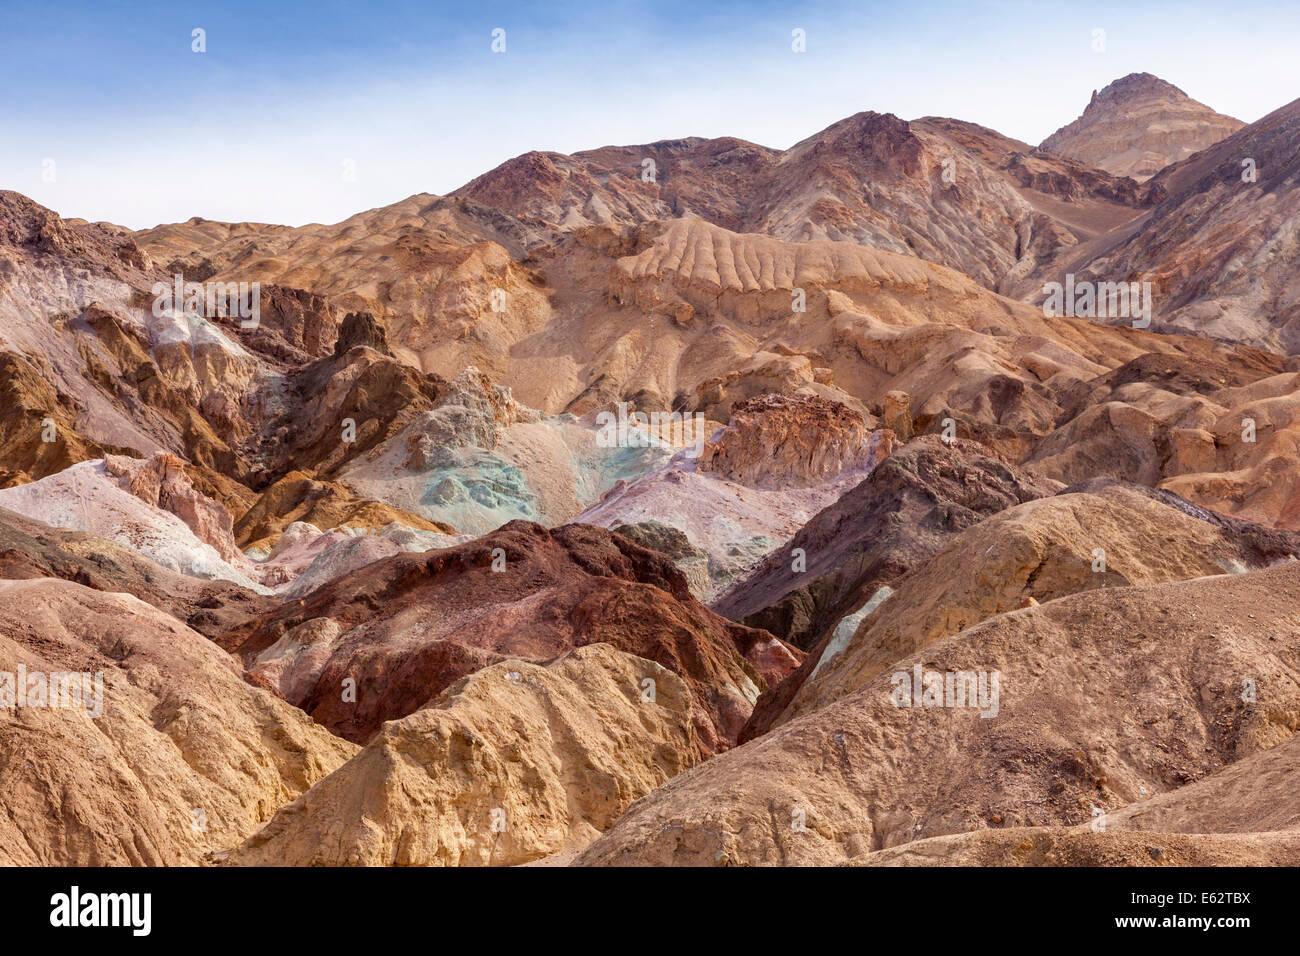 Les roches colorées de l'artiste connu sous le nom de palette, la vallée de la mort, en Californie. Banque D'Images